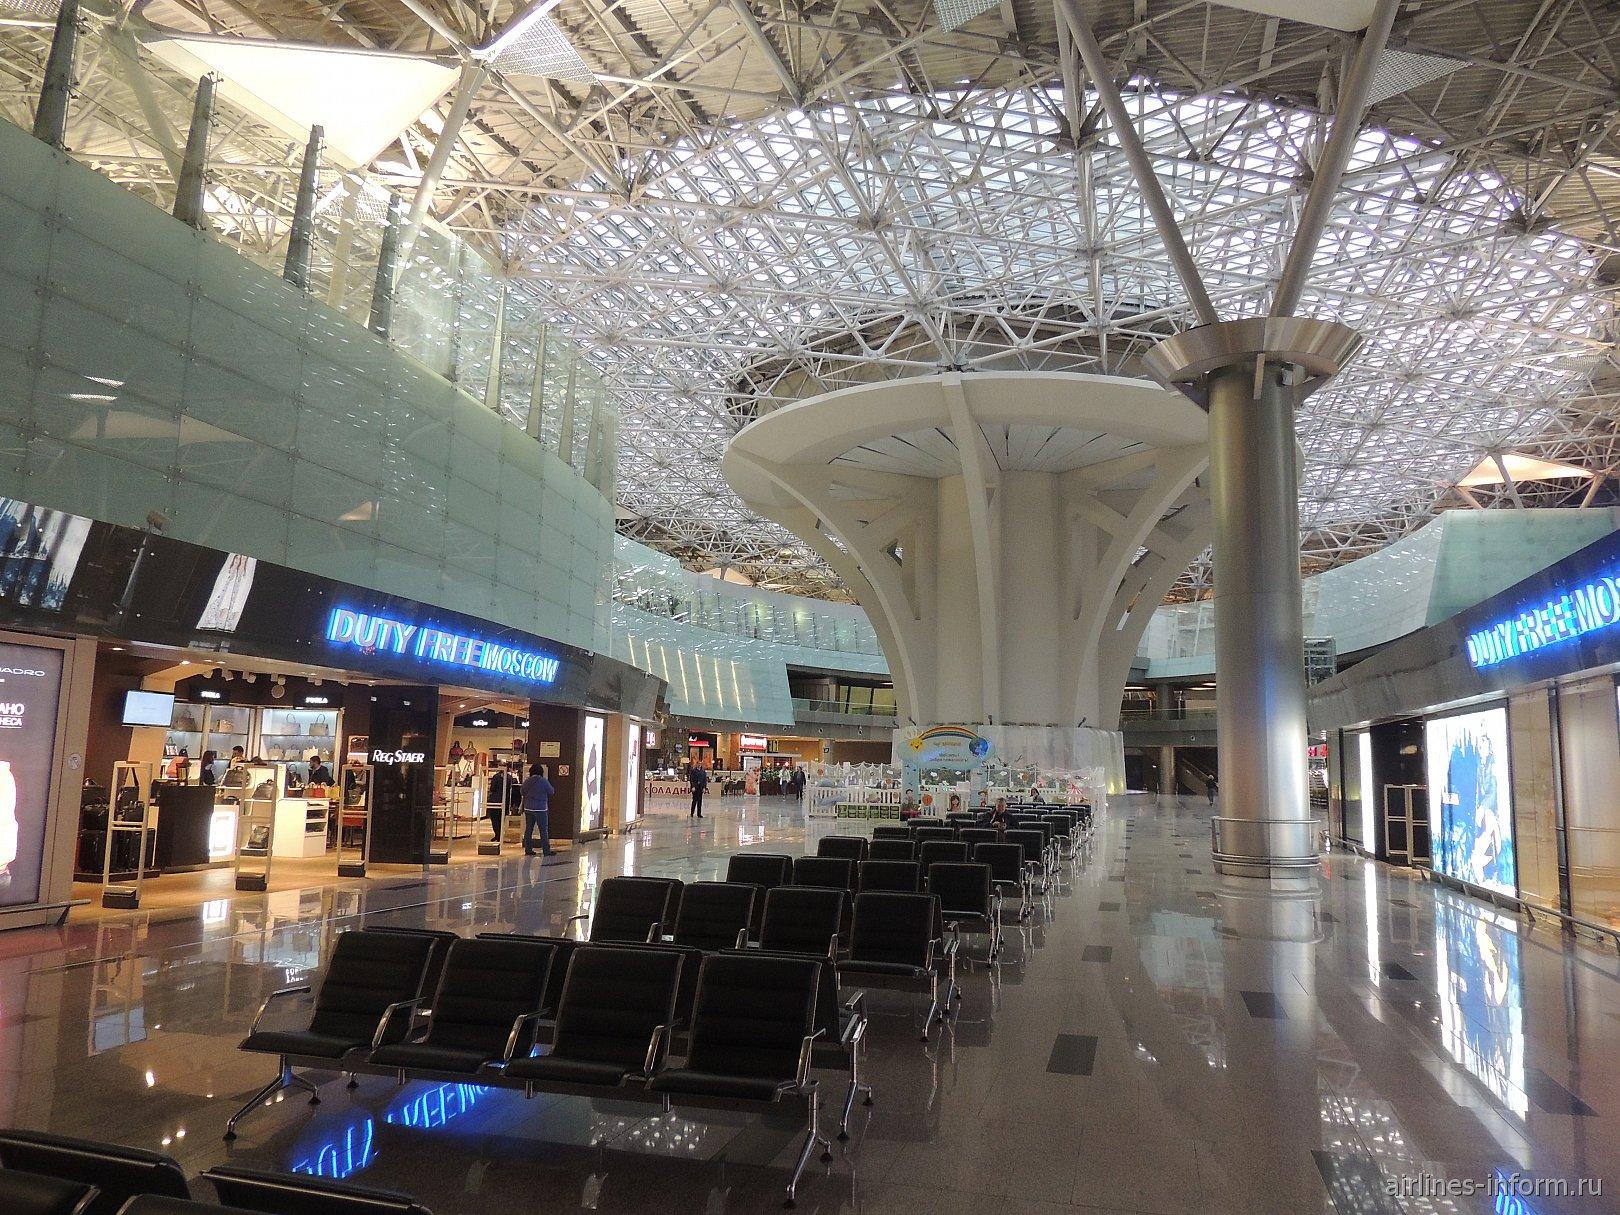 Зал ожидания в чистой зоне международных вылетов аэропорта Внуково